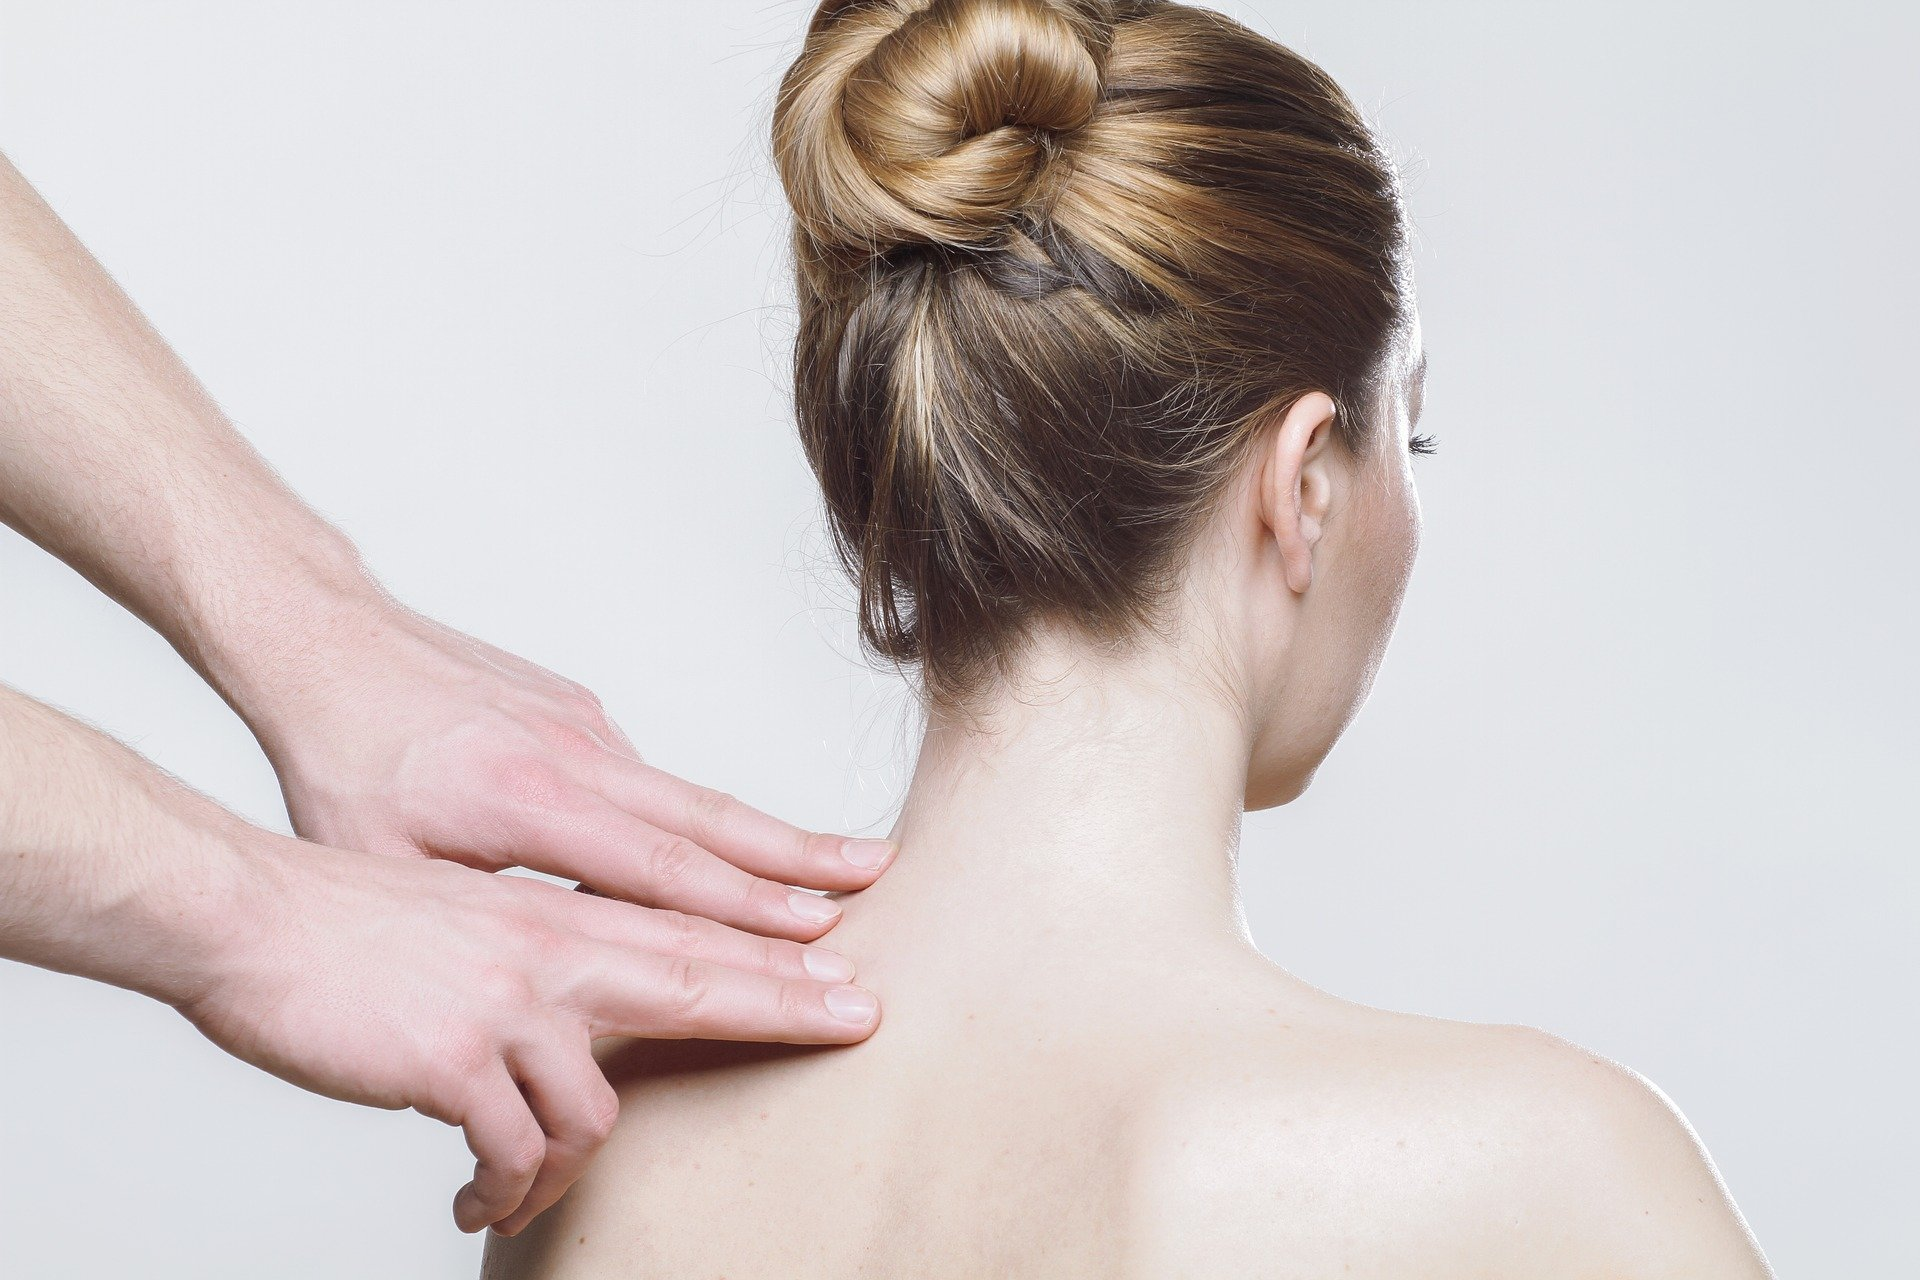 massage pour soulager les rhumatismes